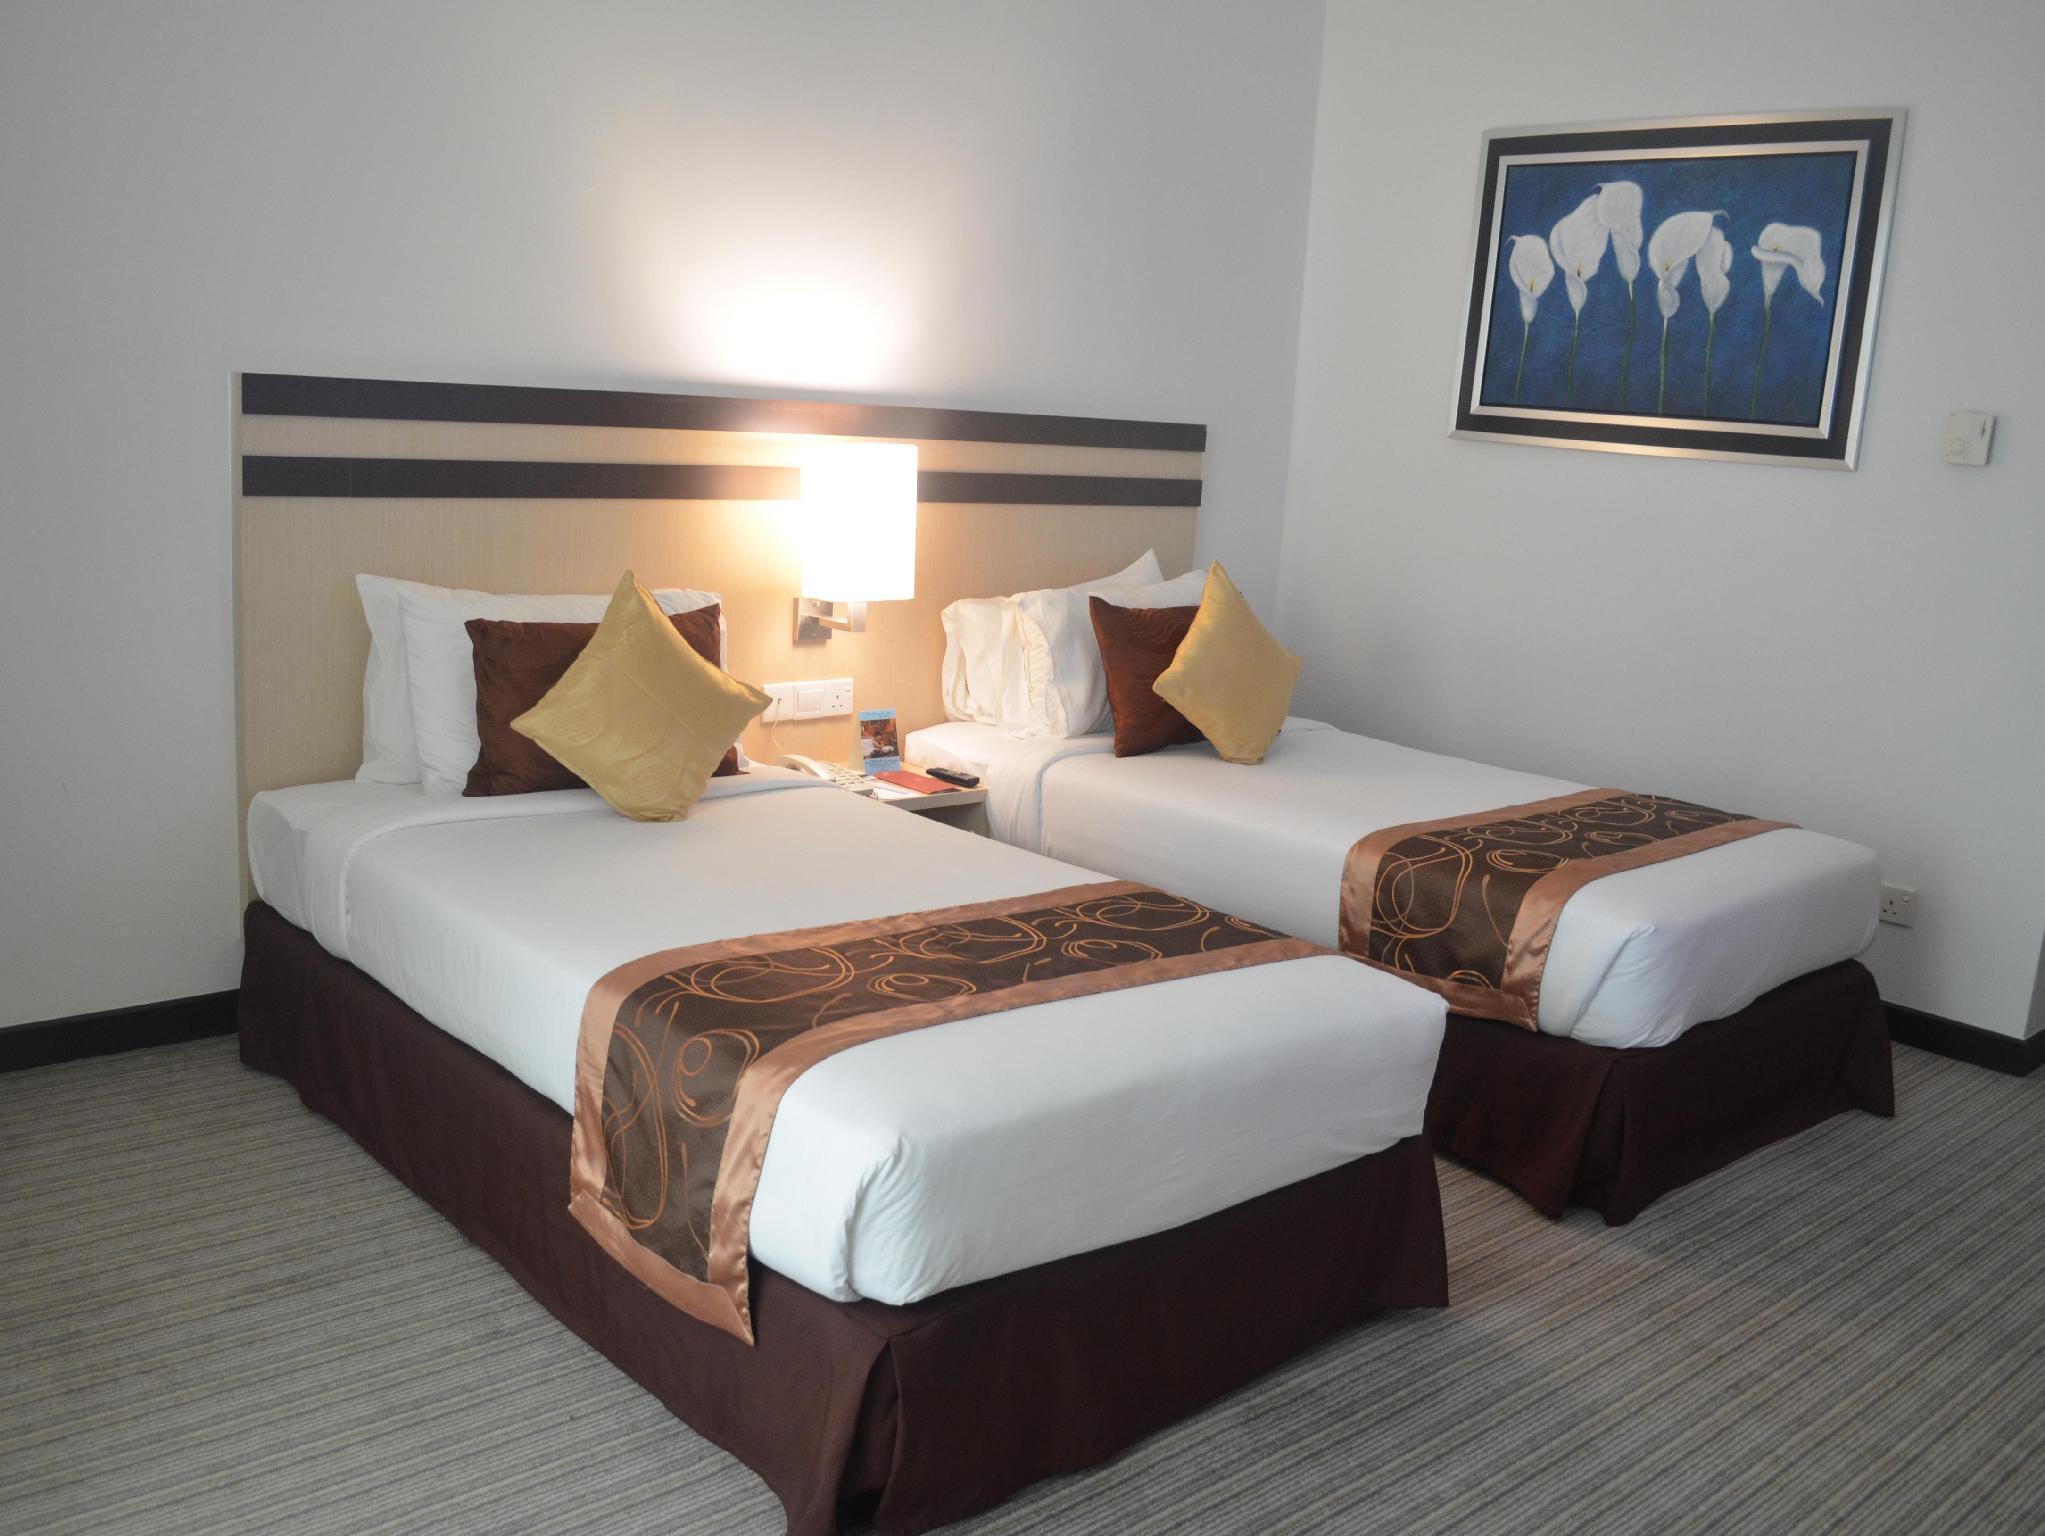 Best Price on Premiere Hotel in Klang + Reviews